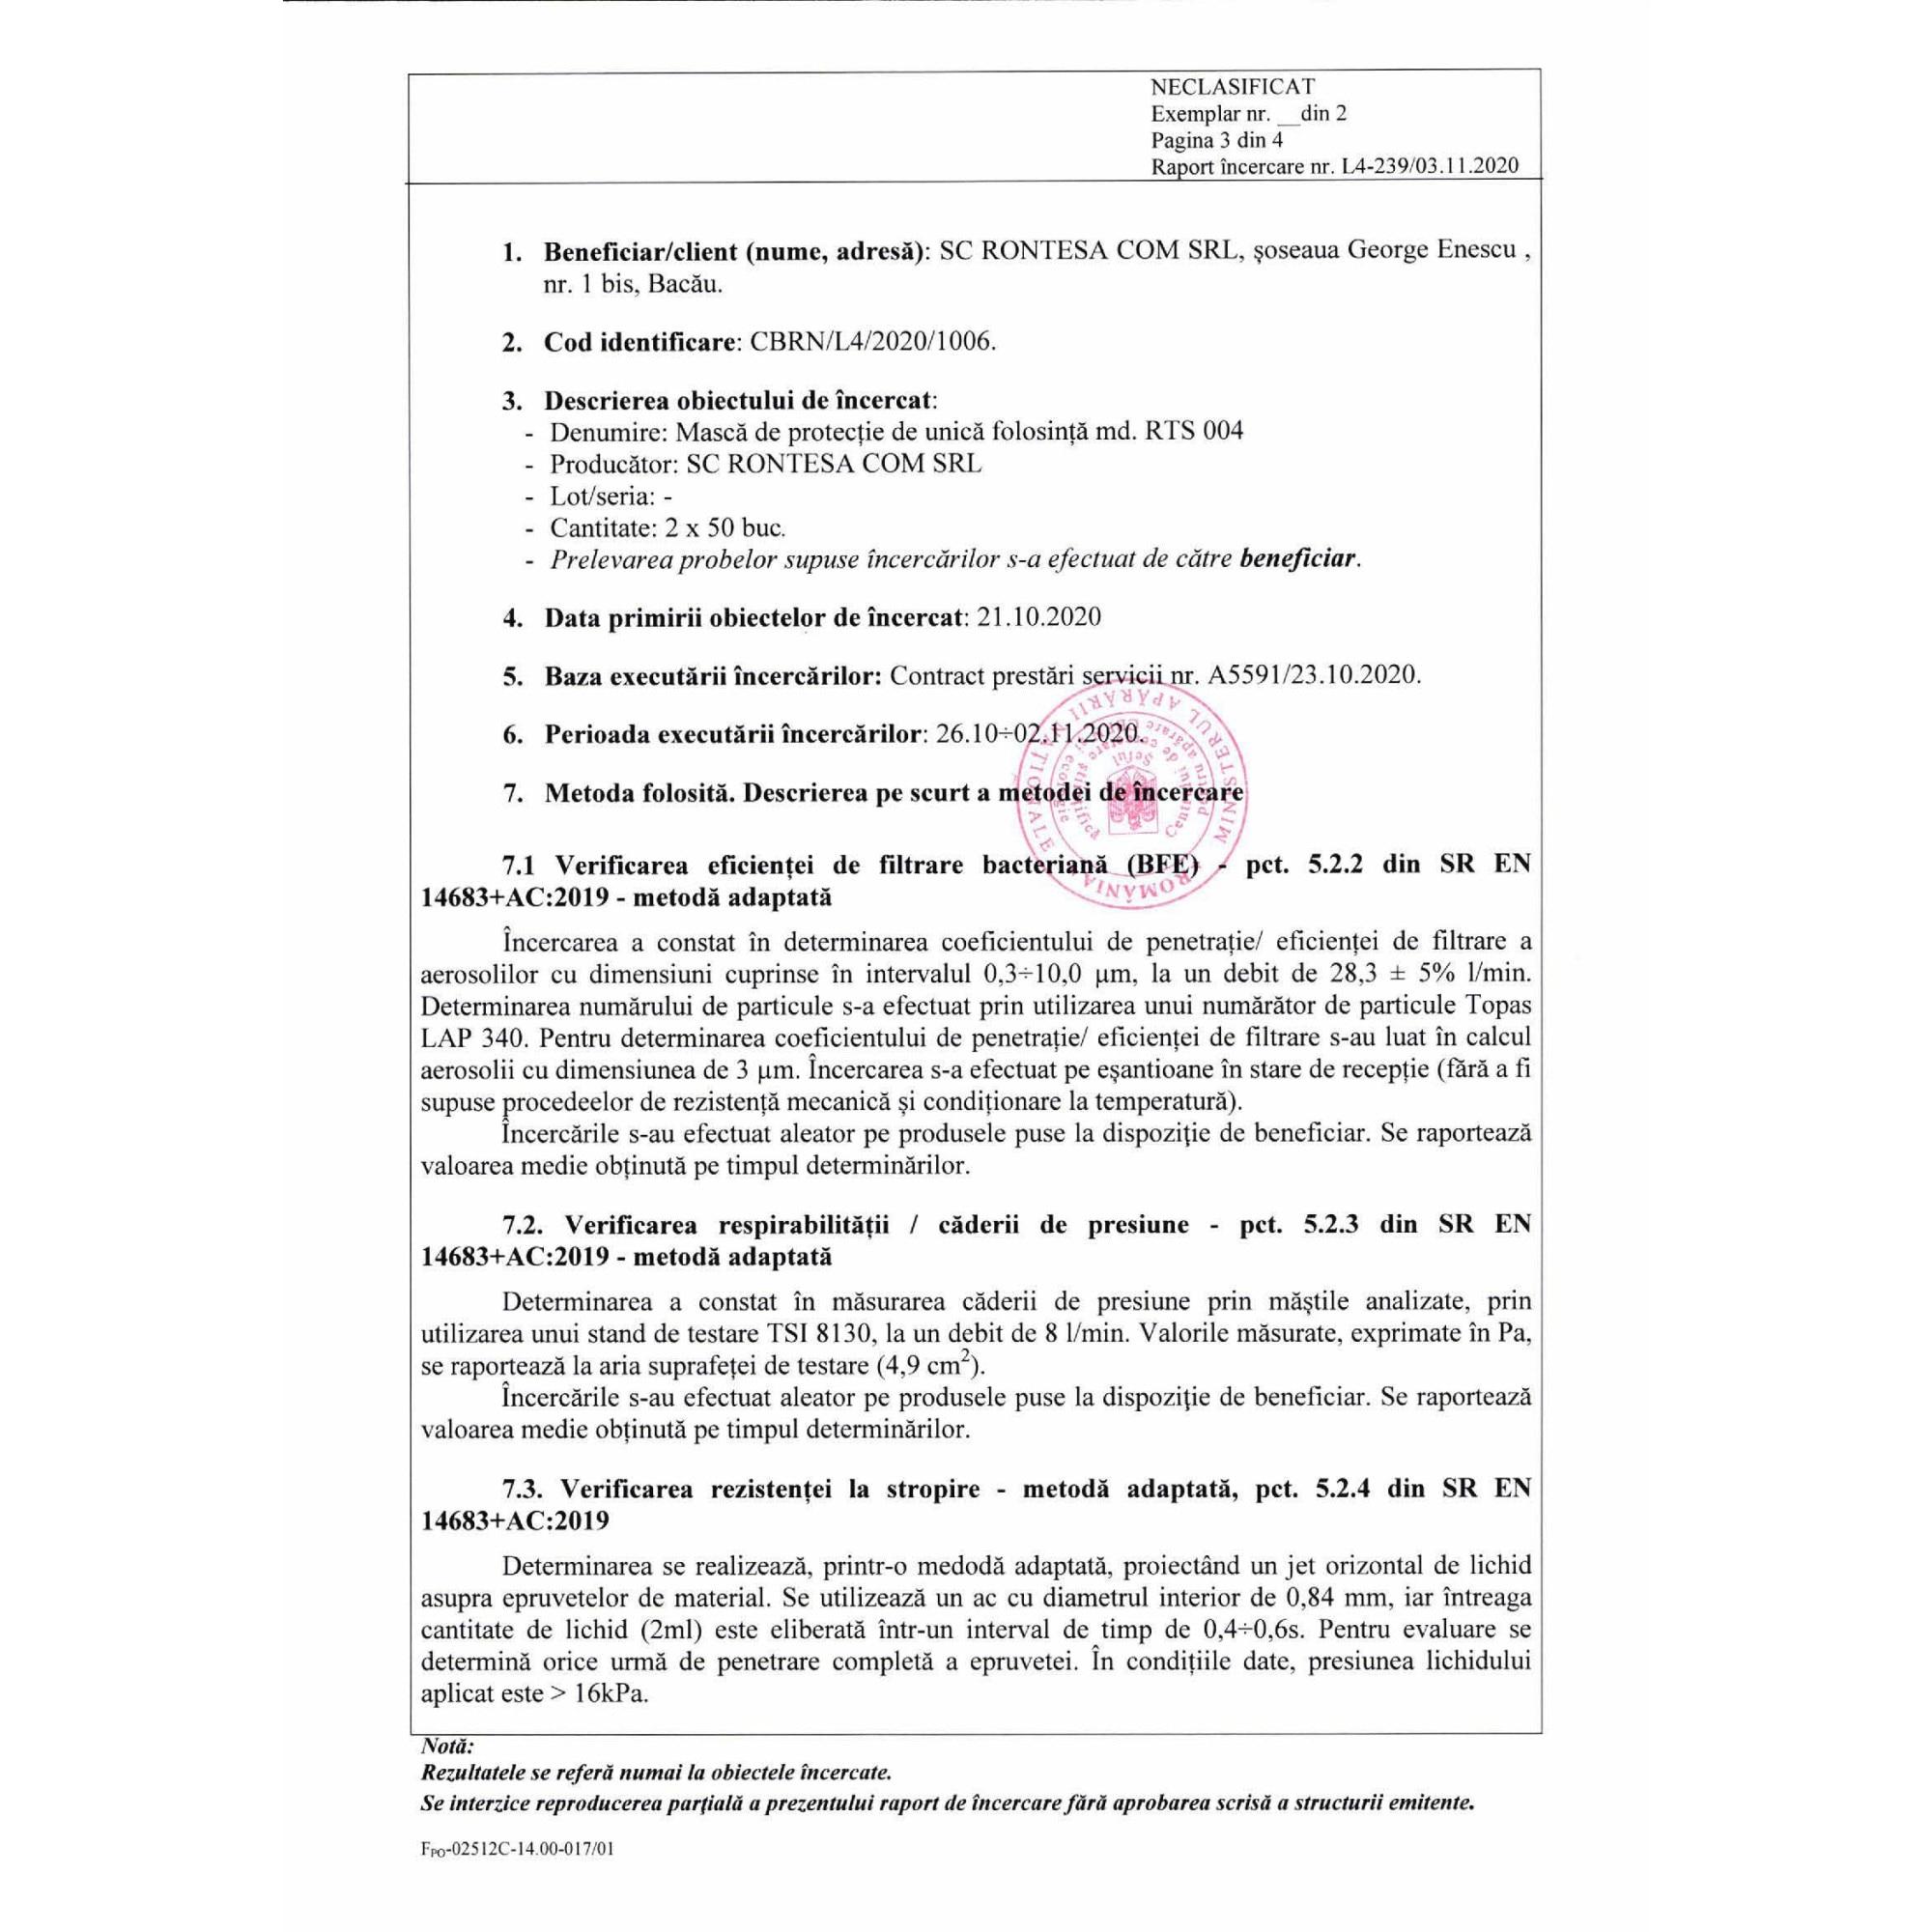 Îndrumări privind implicarea pacienților în cercetarea și dezvoltarea din industria medicamentelor